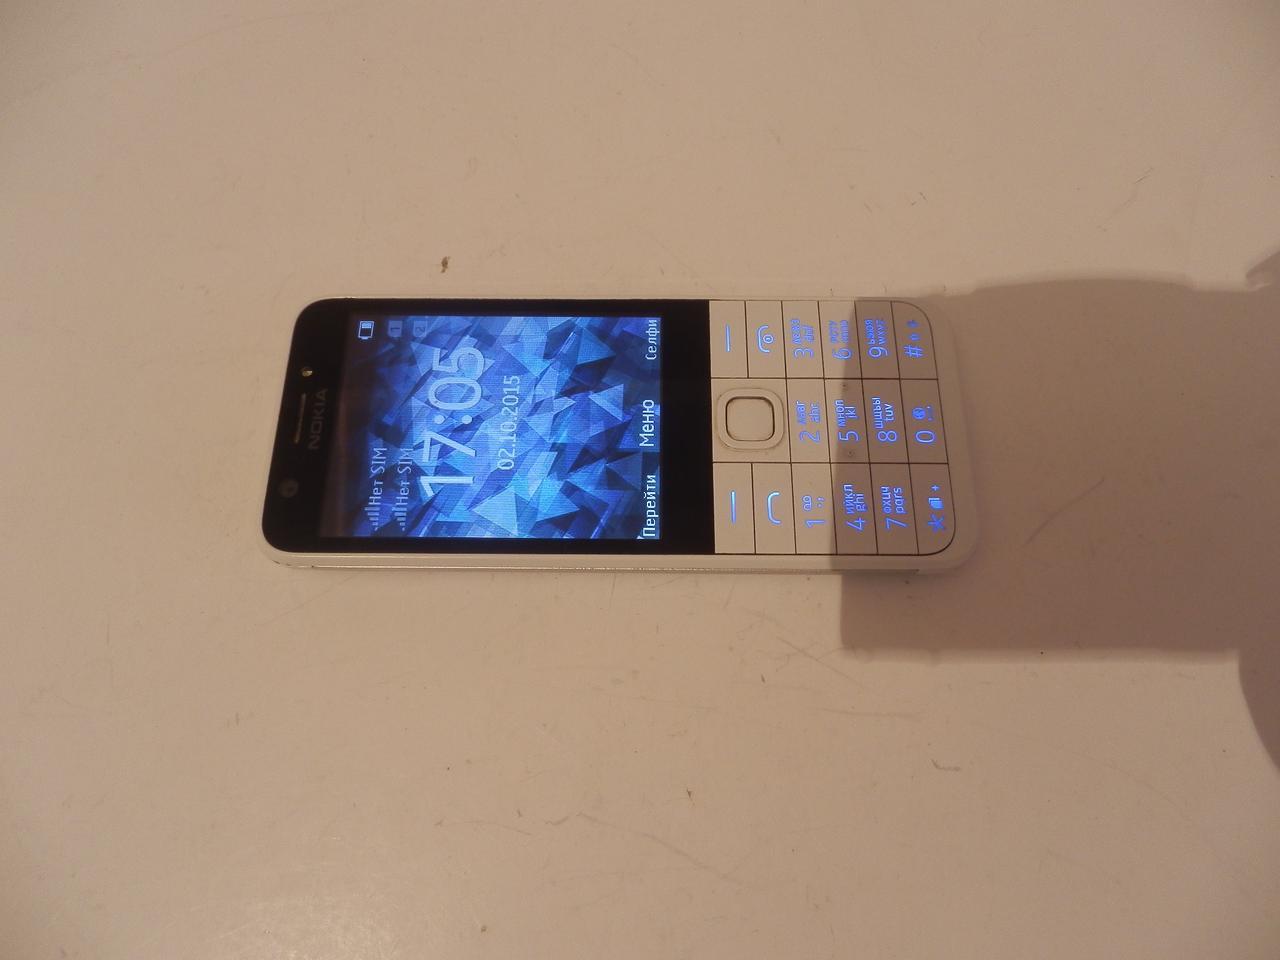 Мобильный телефон Nokia rm-1172 (nokia 230) №6877